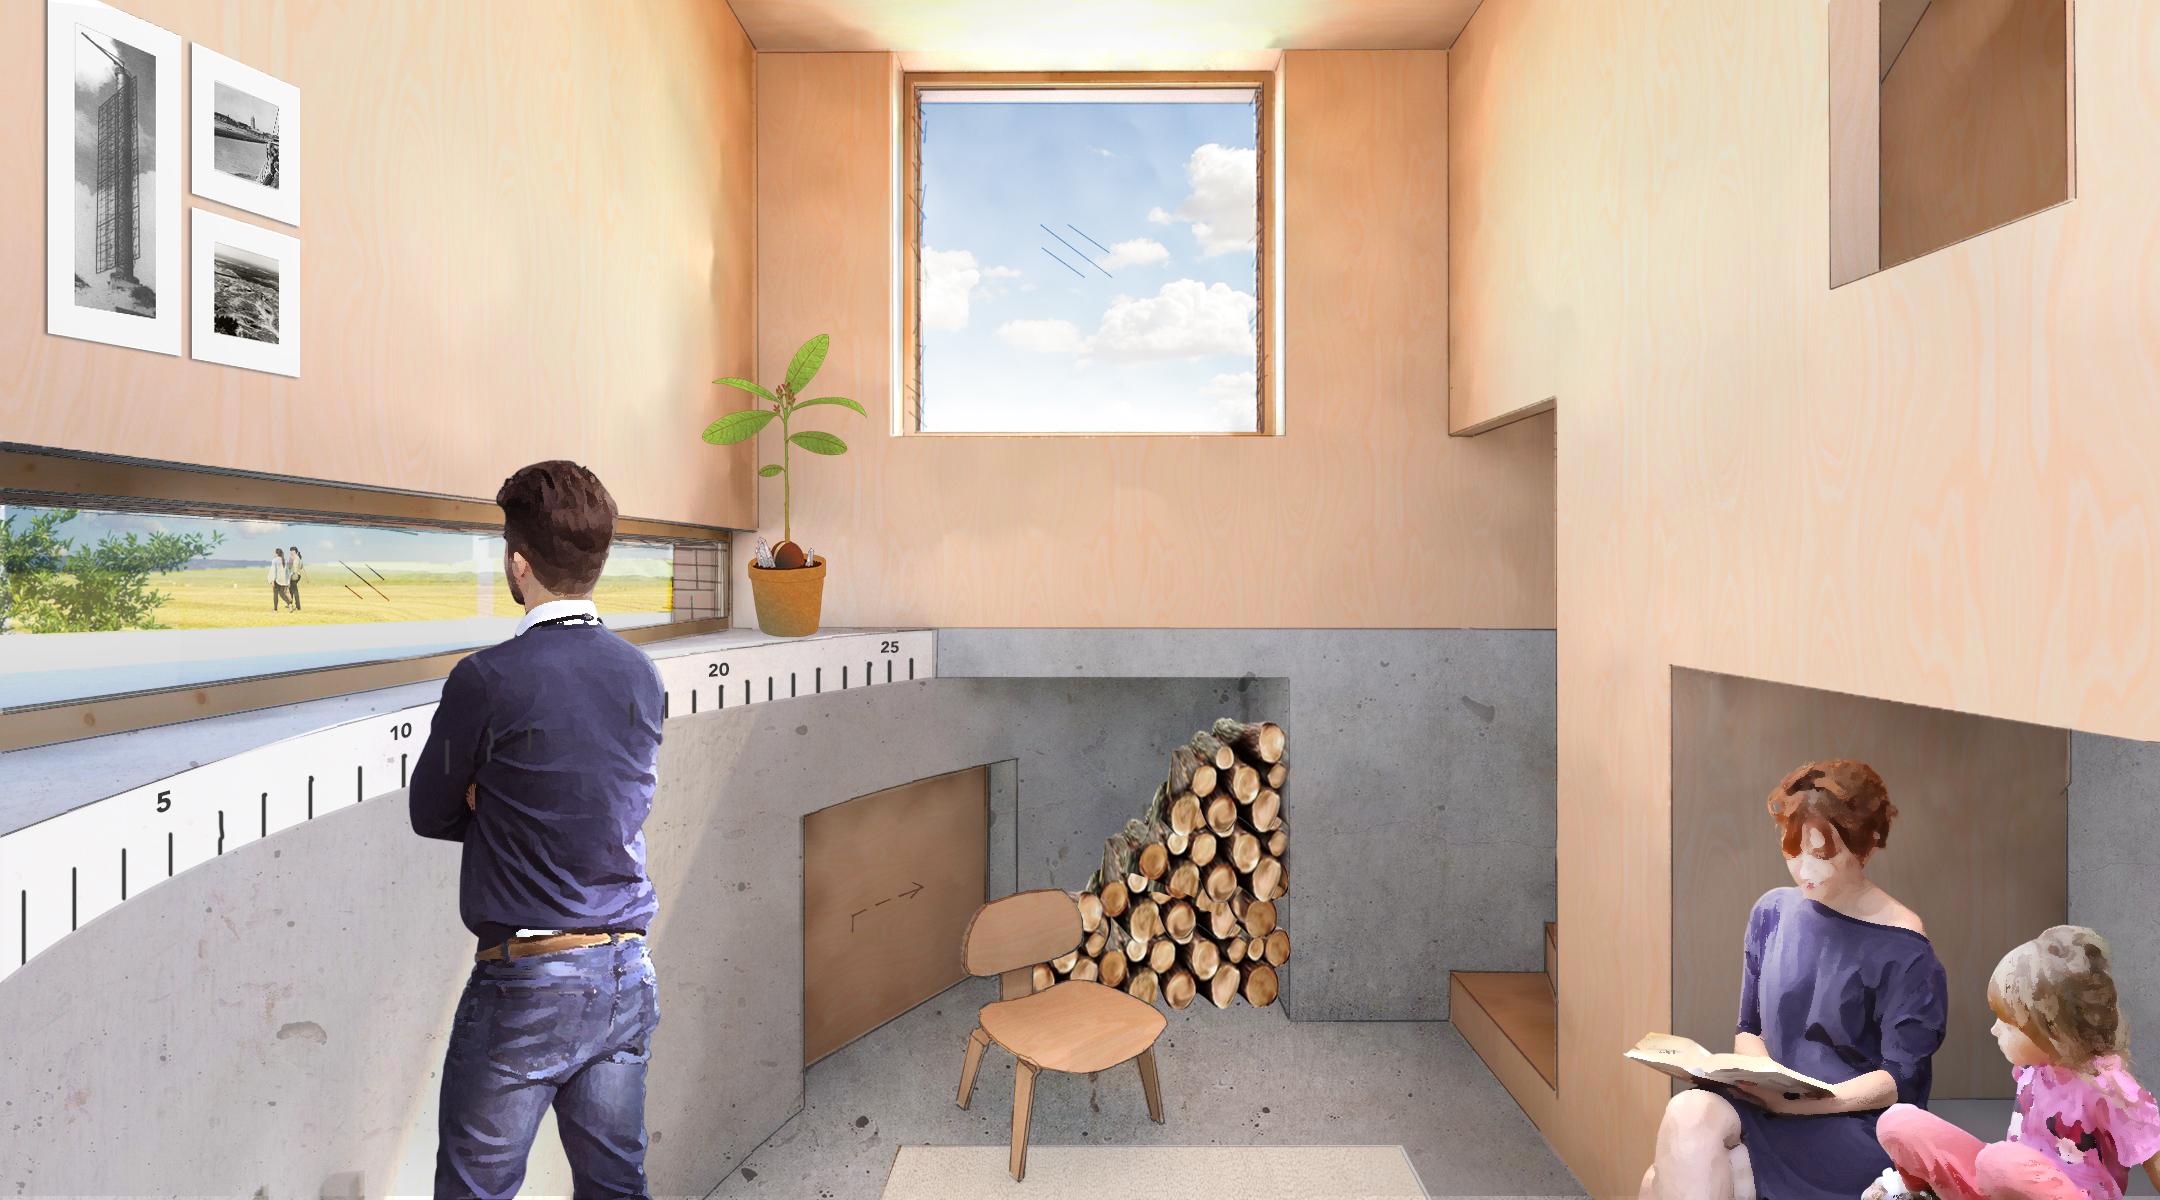 Impressie van de woonkamer met een laag raam dat over de bunker heen kijkt